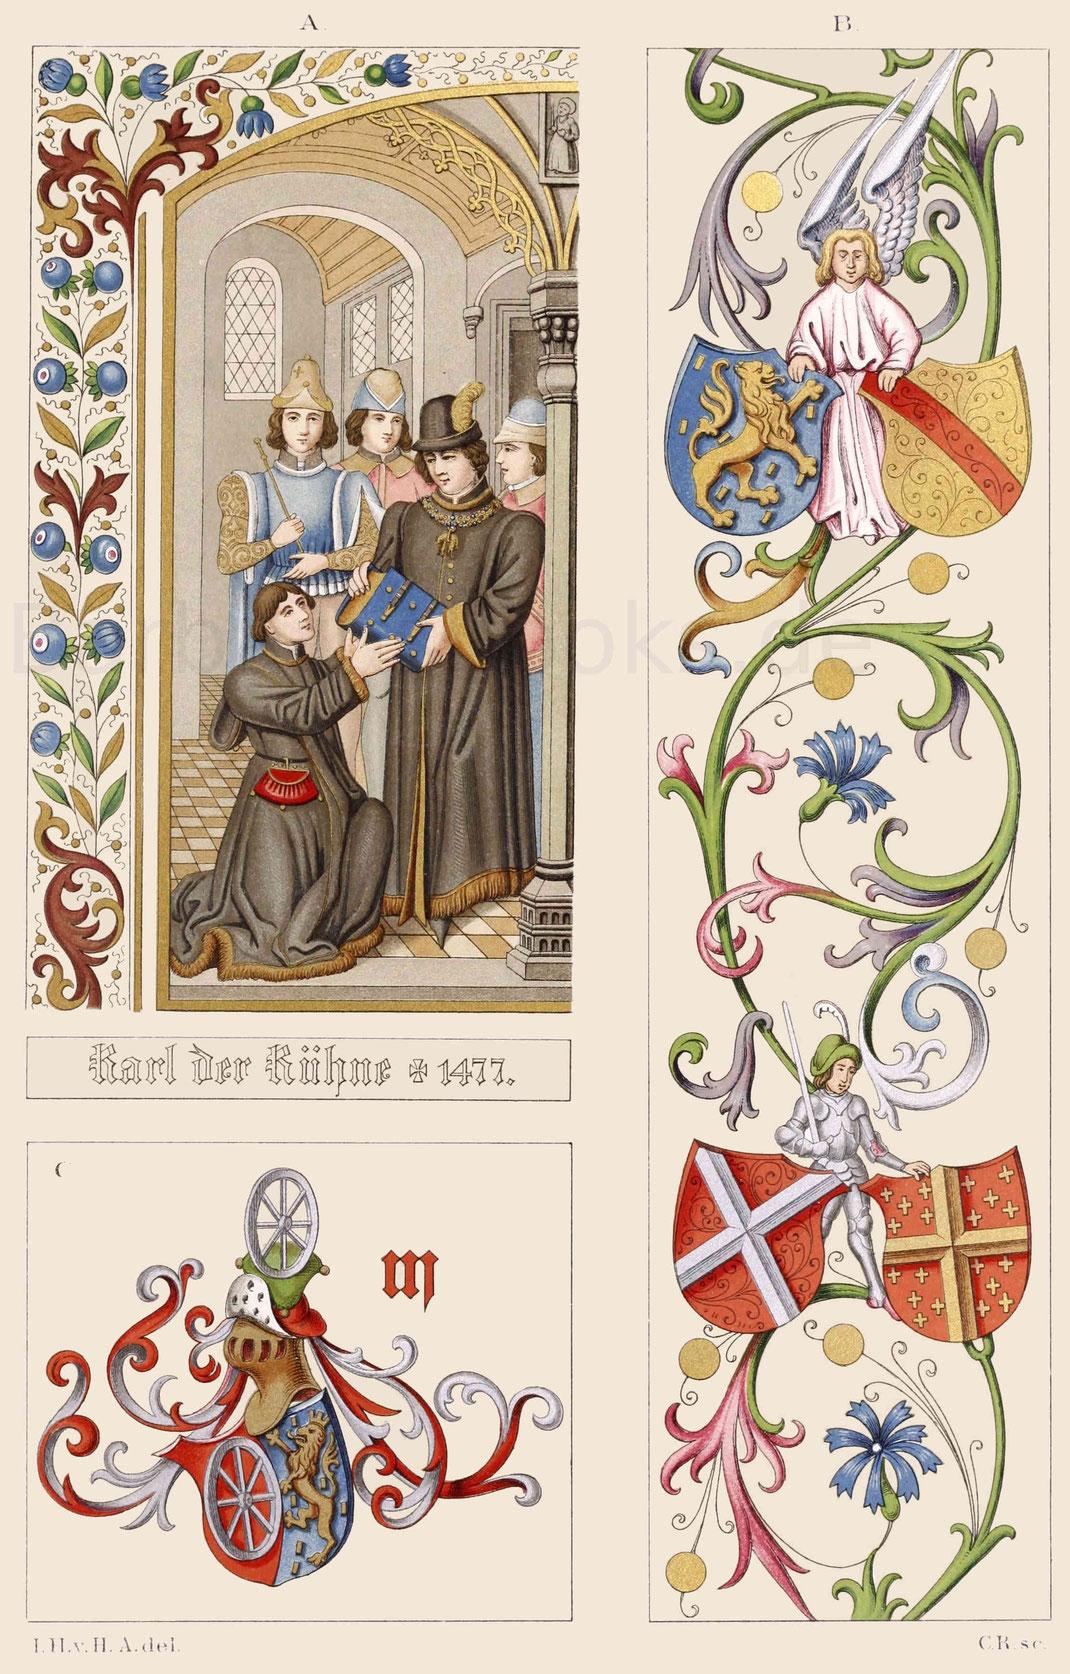 Pergament-Miniaturmalereien aus der zweiten Hälfte des 15. Jahrhunderts.